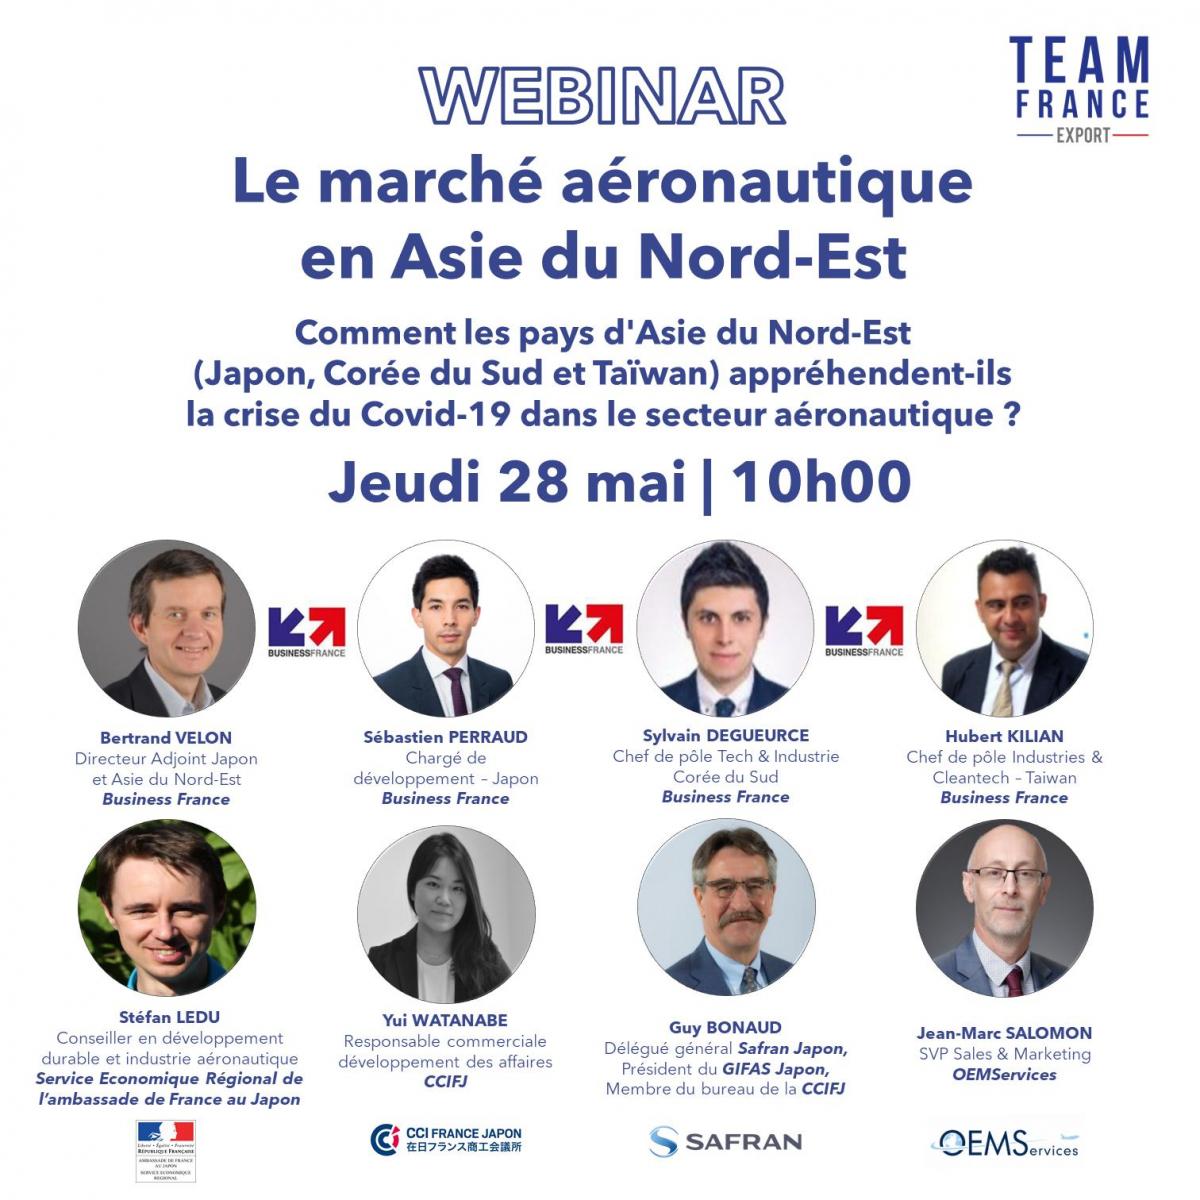 Le marché aéronautique en Asie du Nord-Est, webinar Team France Export jeudi 28 mai